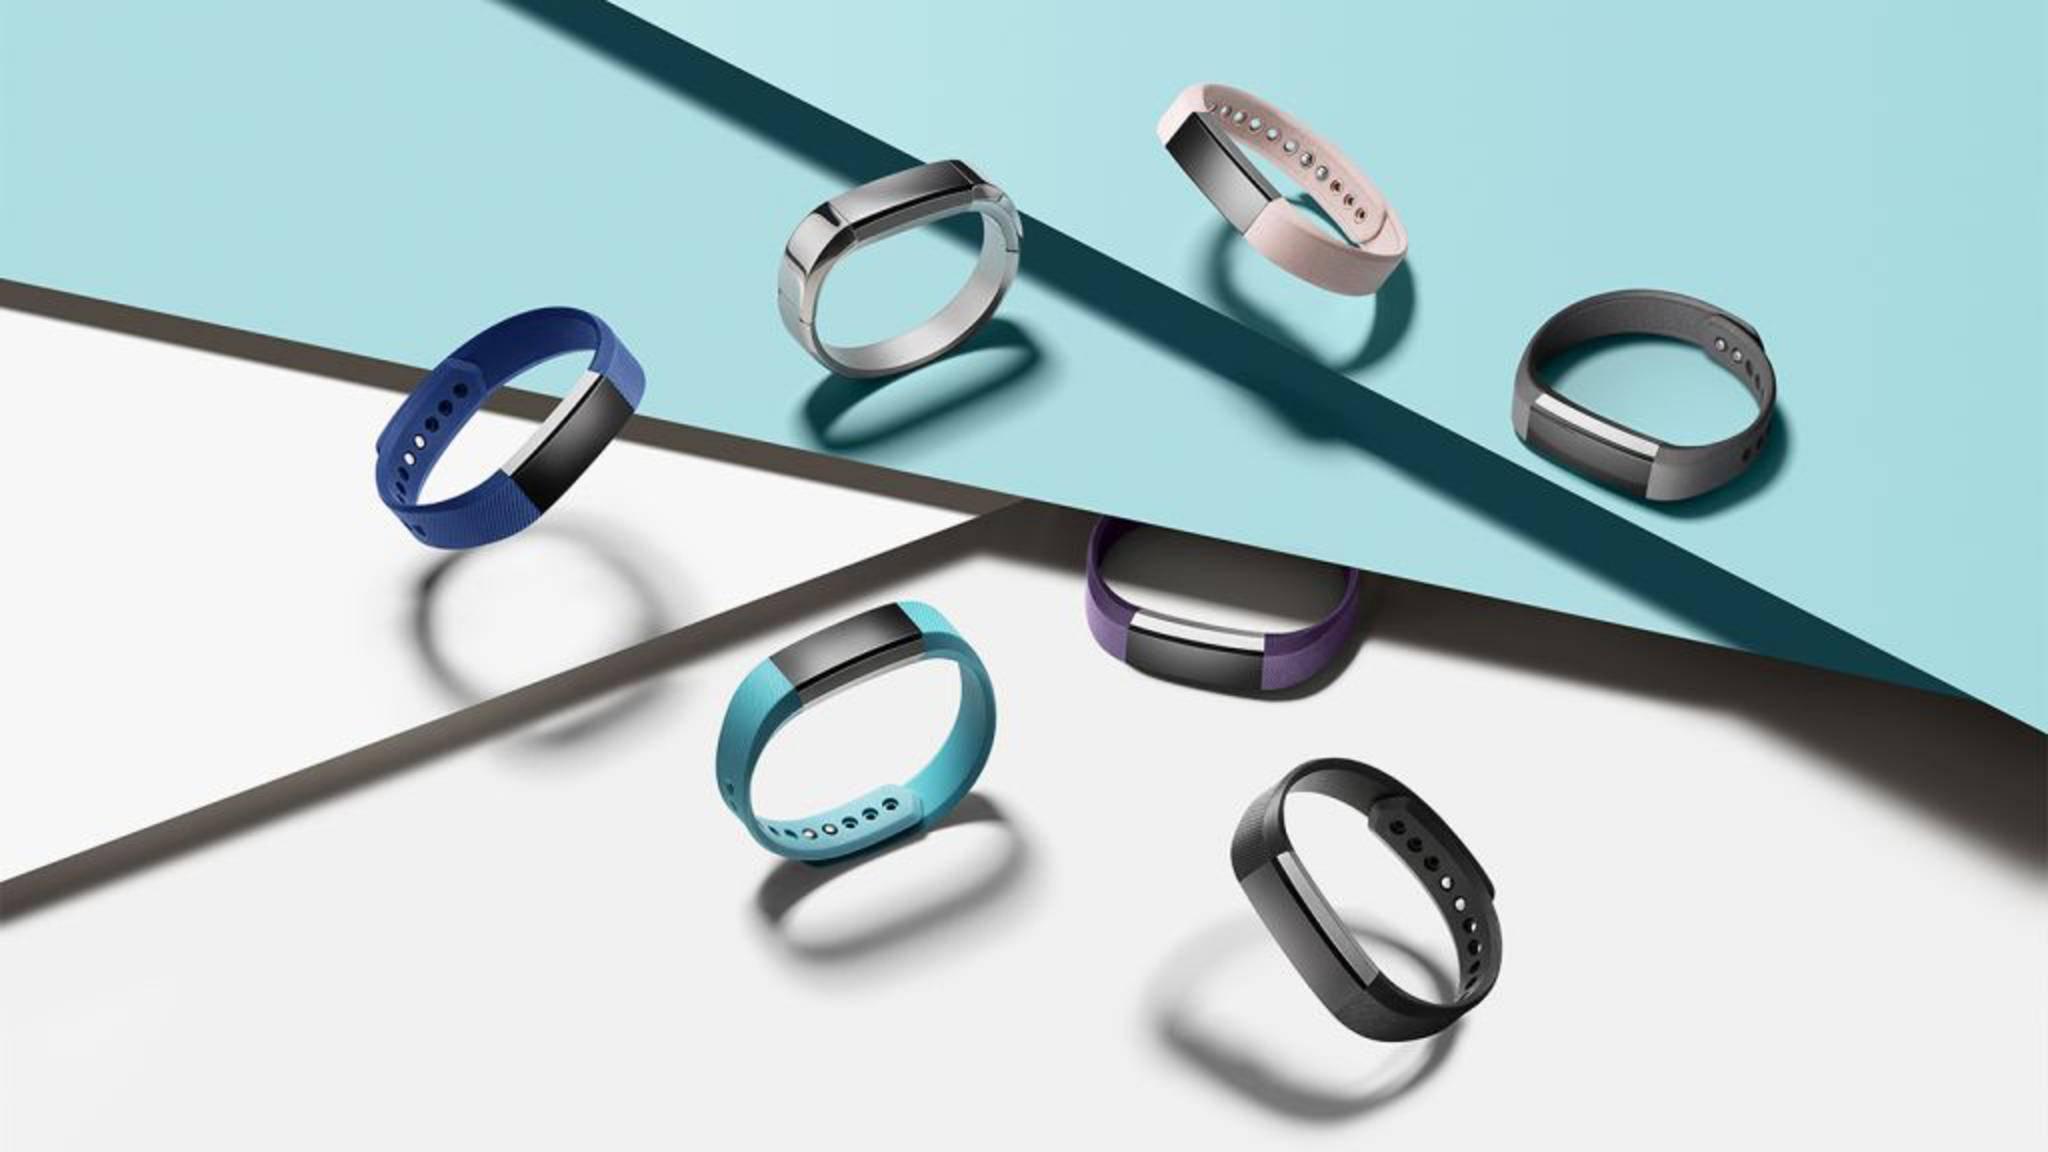 Der Fitbit Alta könnte demnächst einen Herzfrequenzsensor spendiert bekommen.